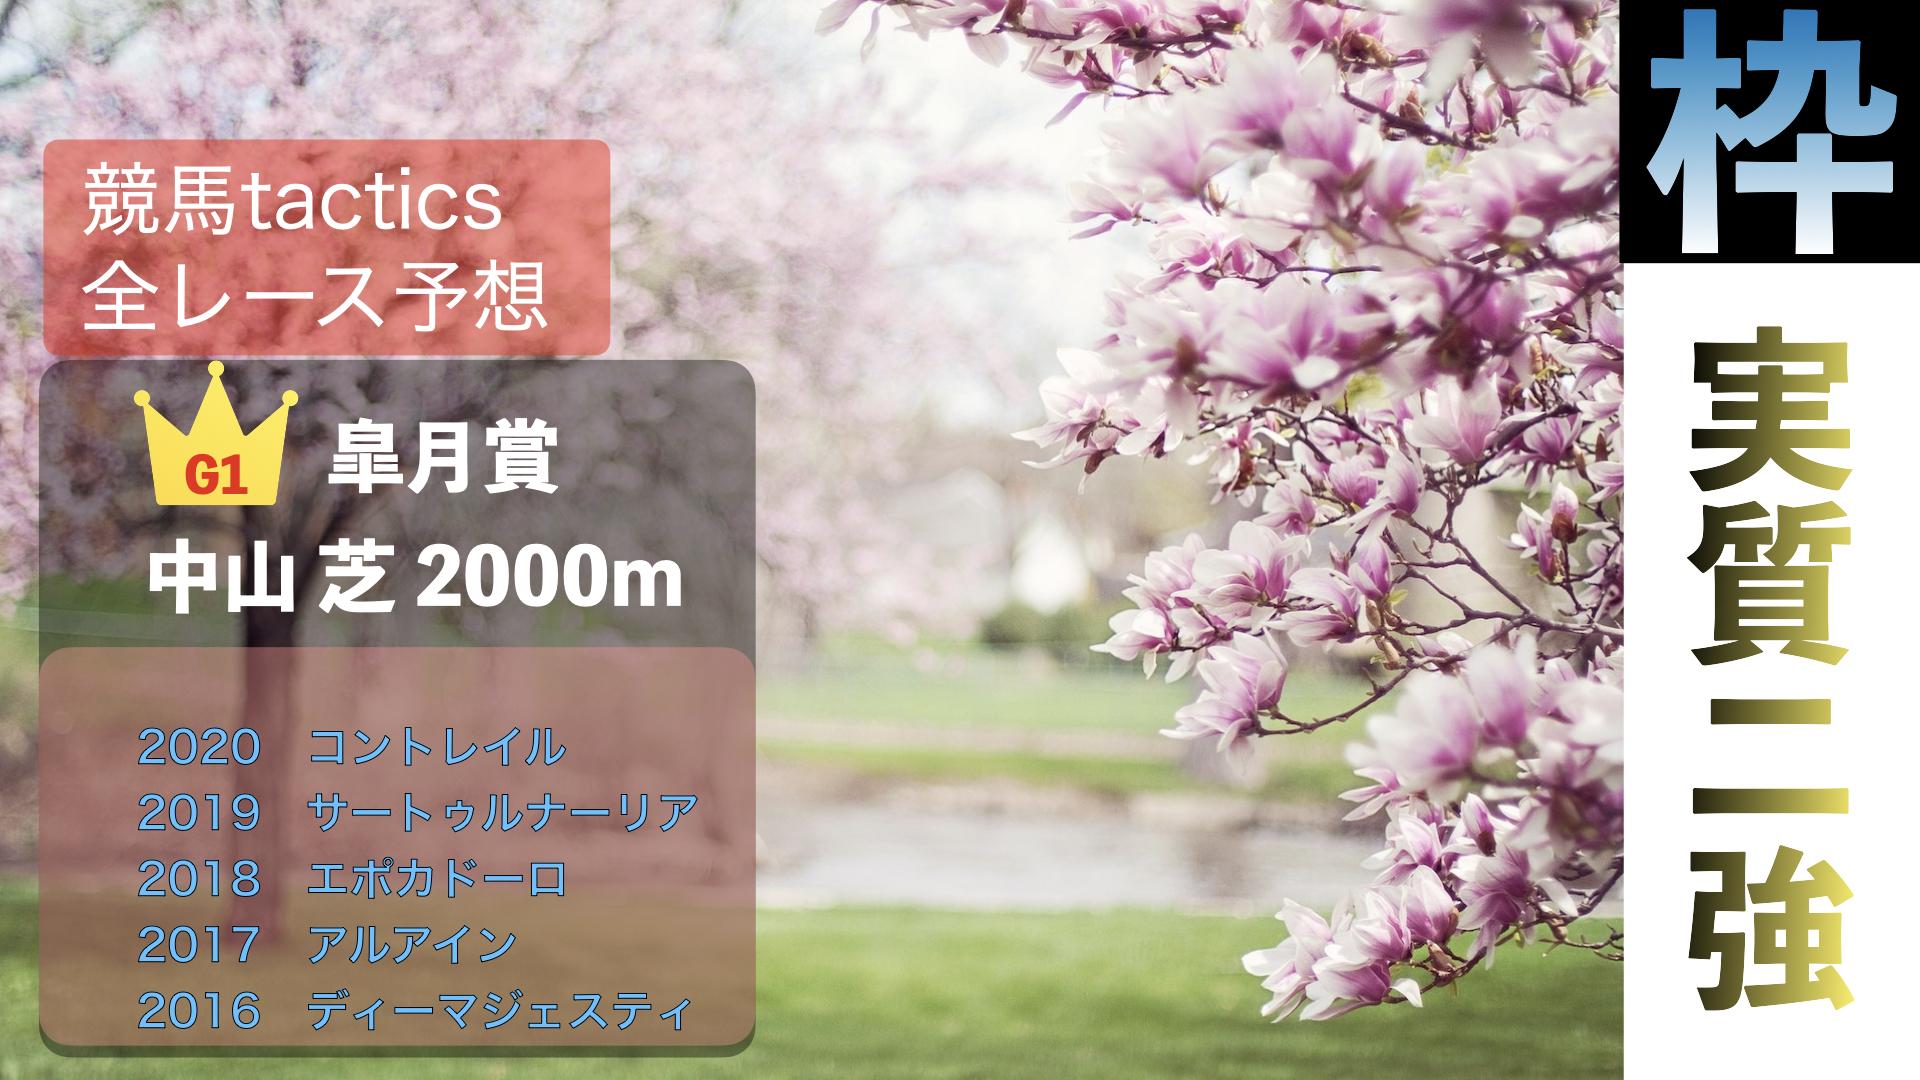 2021.4.18(日)第81回皐月賞(G1)中山競馬場 芝2000m 右回り